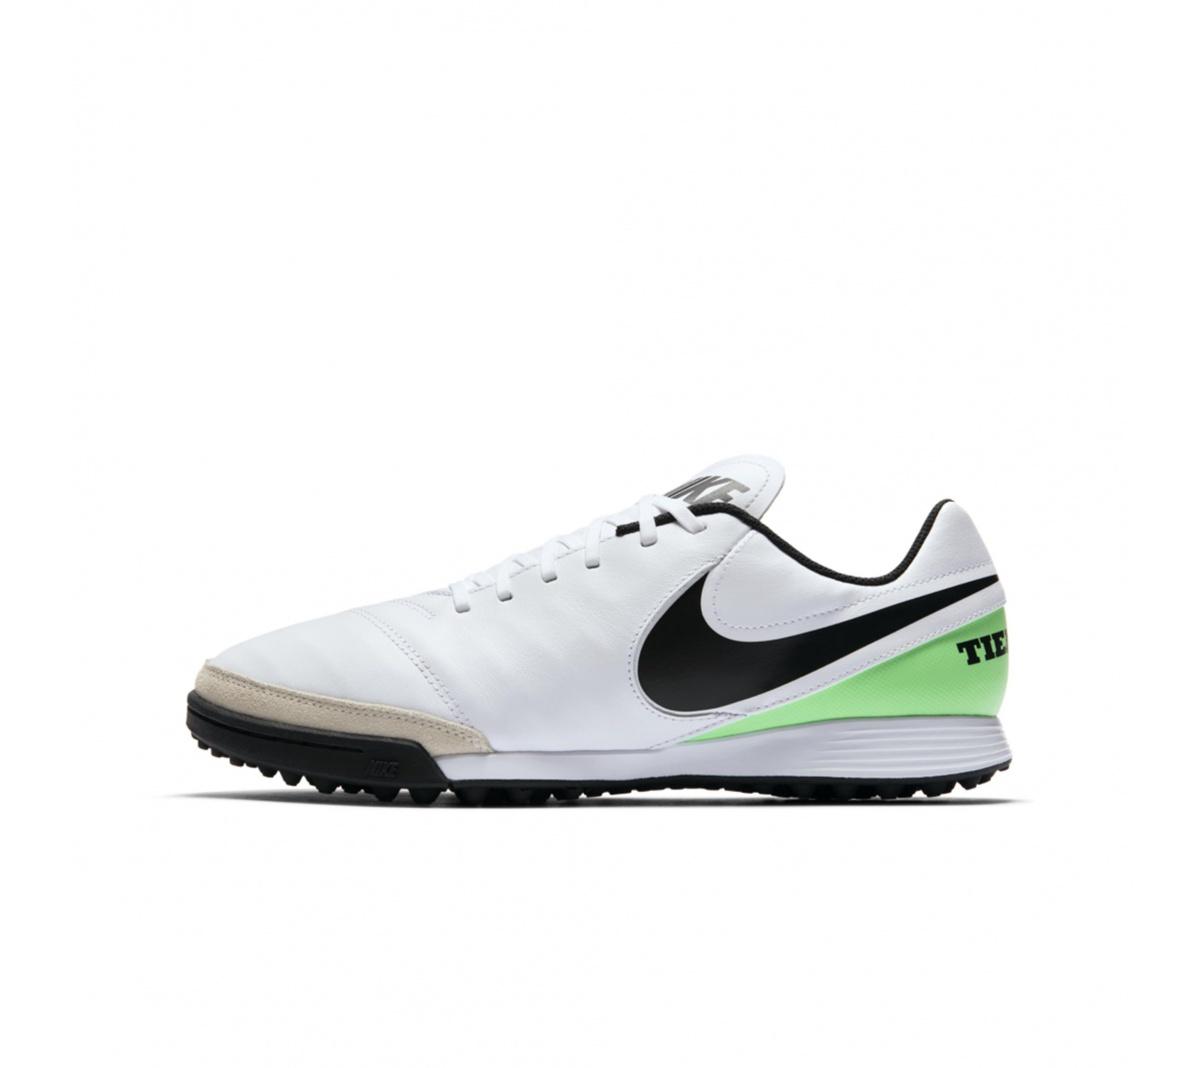 Chuteira Nike TiempoX Gênio II Leather Society Bc Vd - Mundo do Futebol 4ffda9e9ea40e